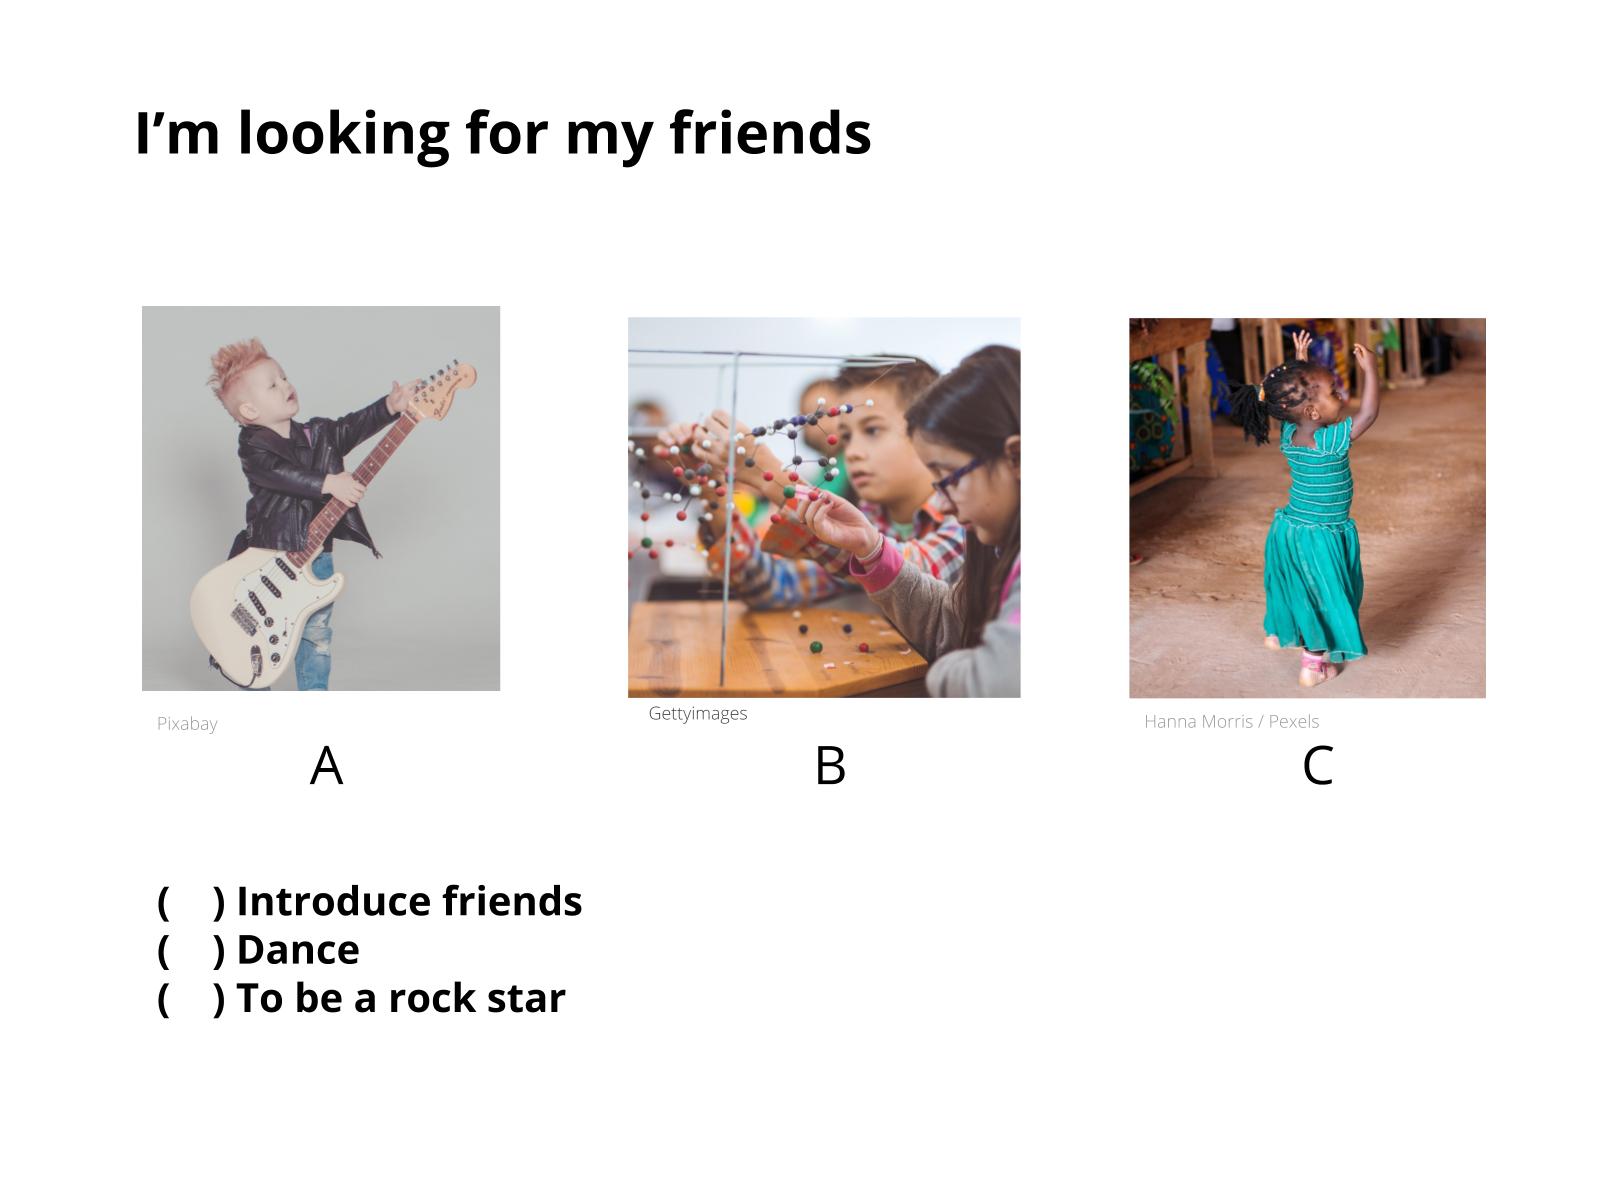 Fazer apresentações sobre os amigos